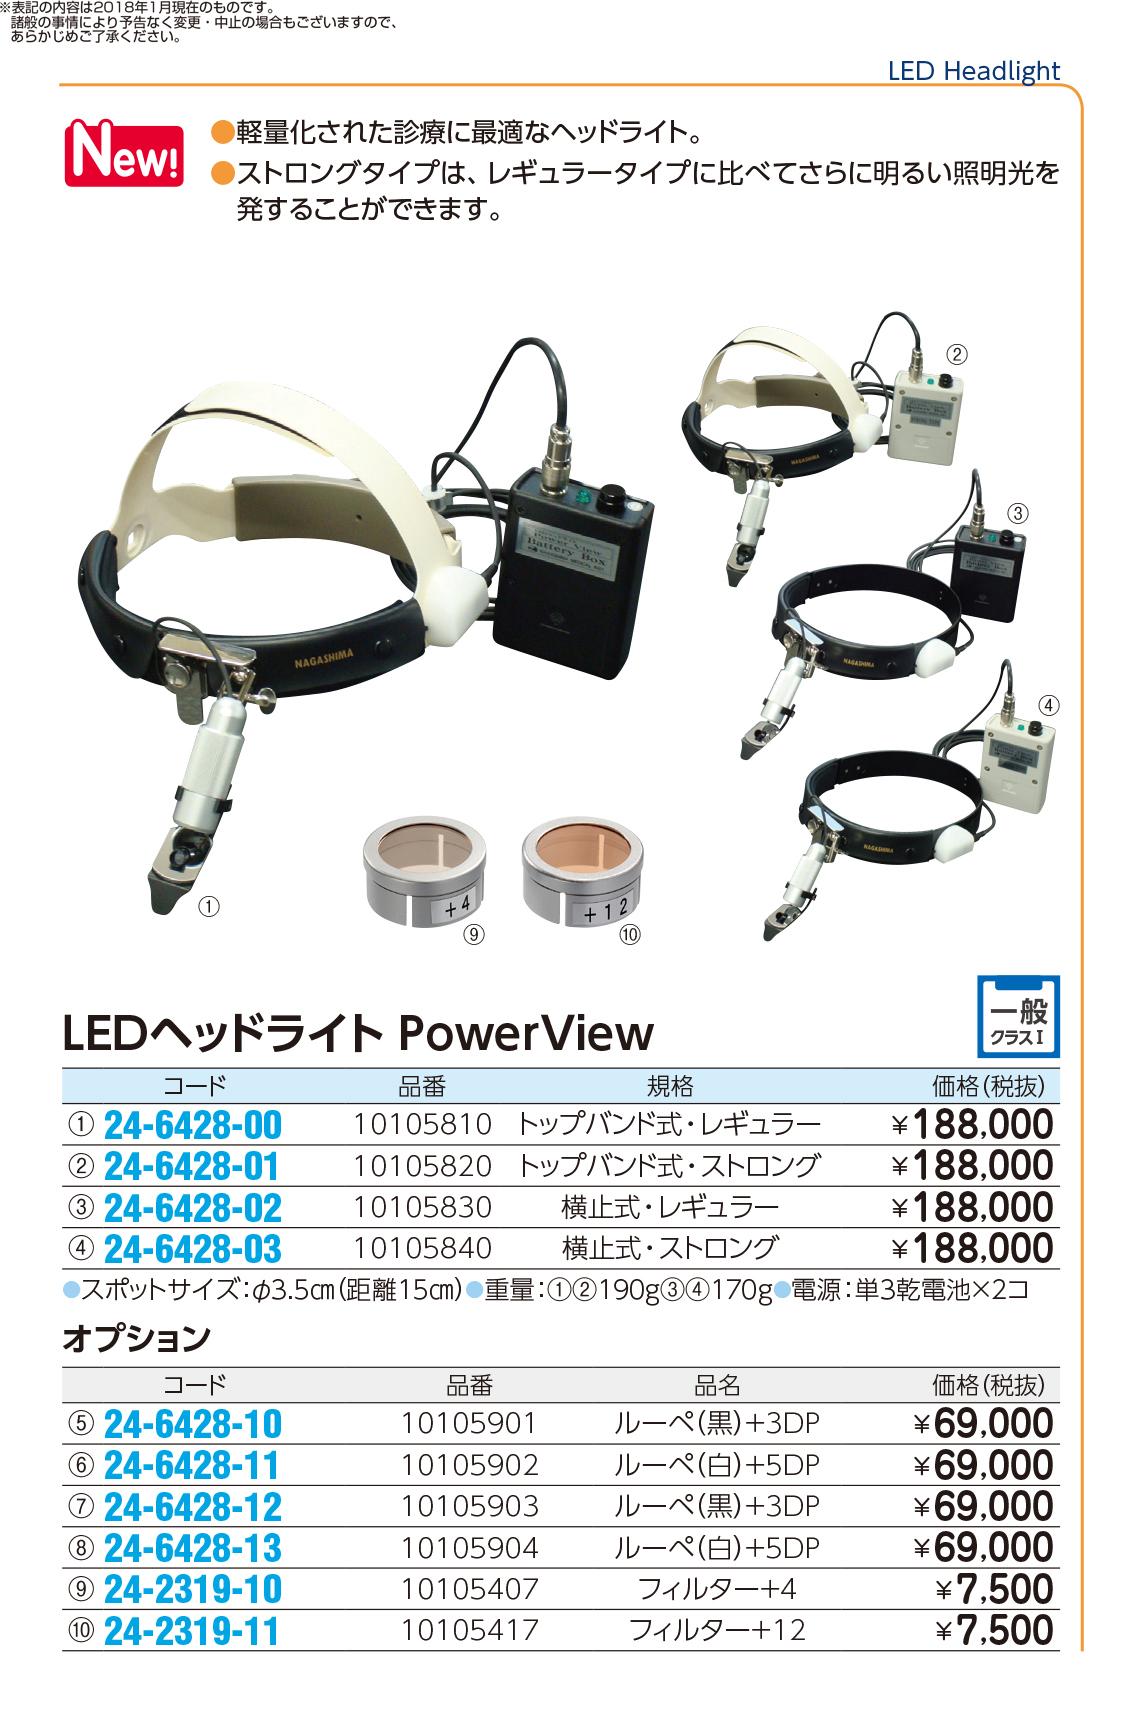 (24-6428-03)LEDヘッドライトパワービュー(同軸 10105840(ヨコドメ・ストロンク LEDヘッドライトパワービュー【1台単位】【2018年カタログ商品】